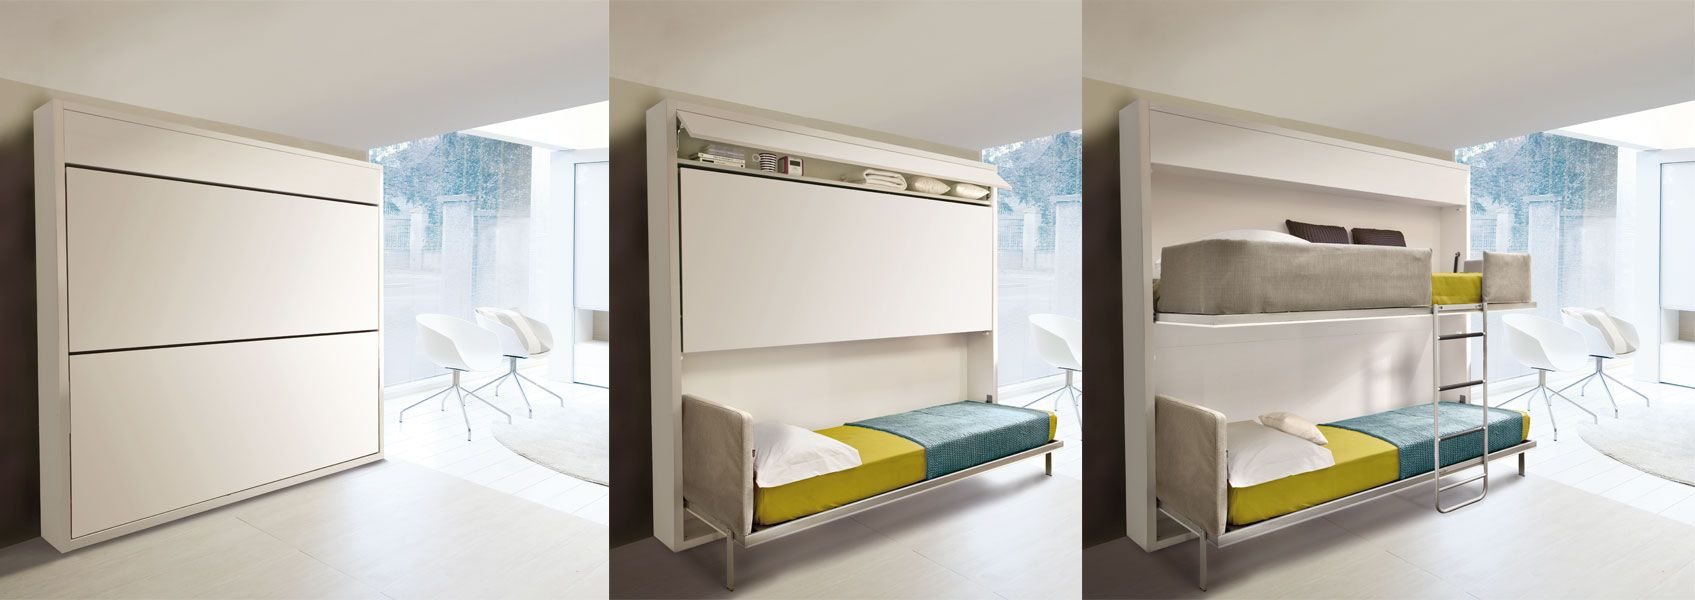 strong>Duas camas retráteis:</strong> o painel (quando fechadas) dá ...